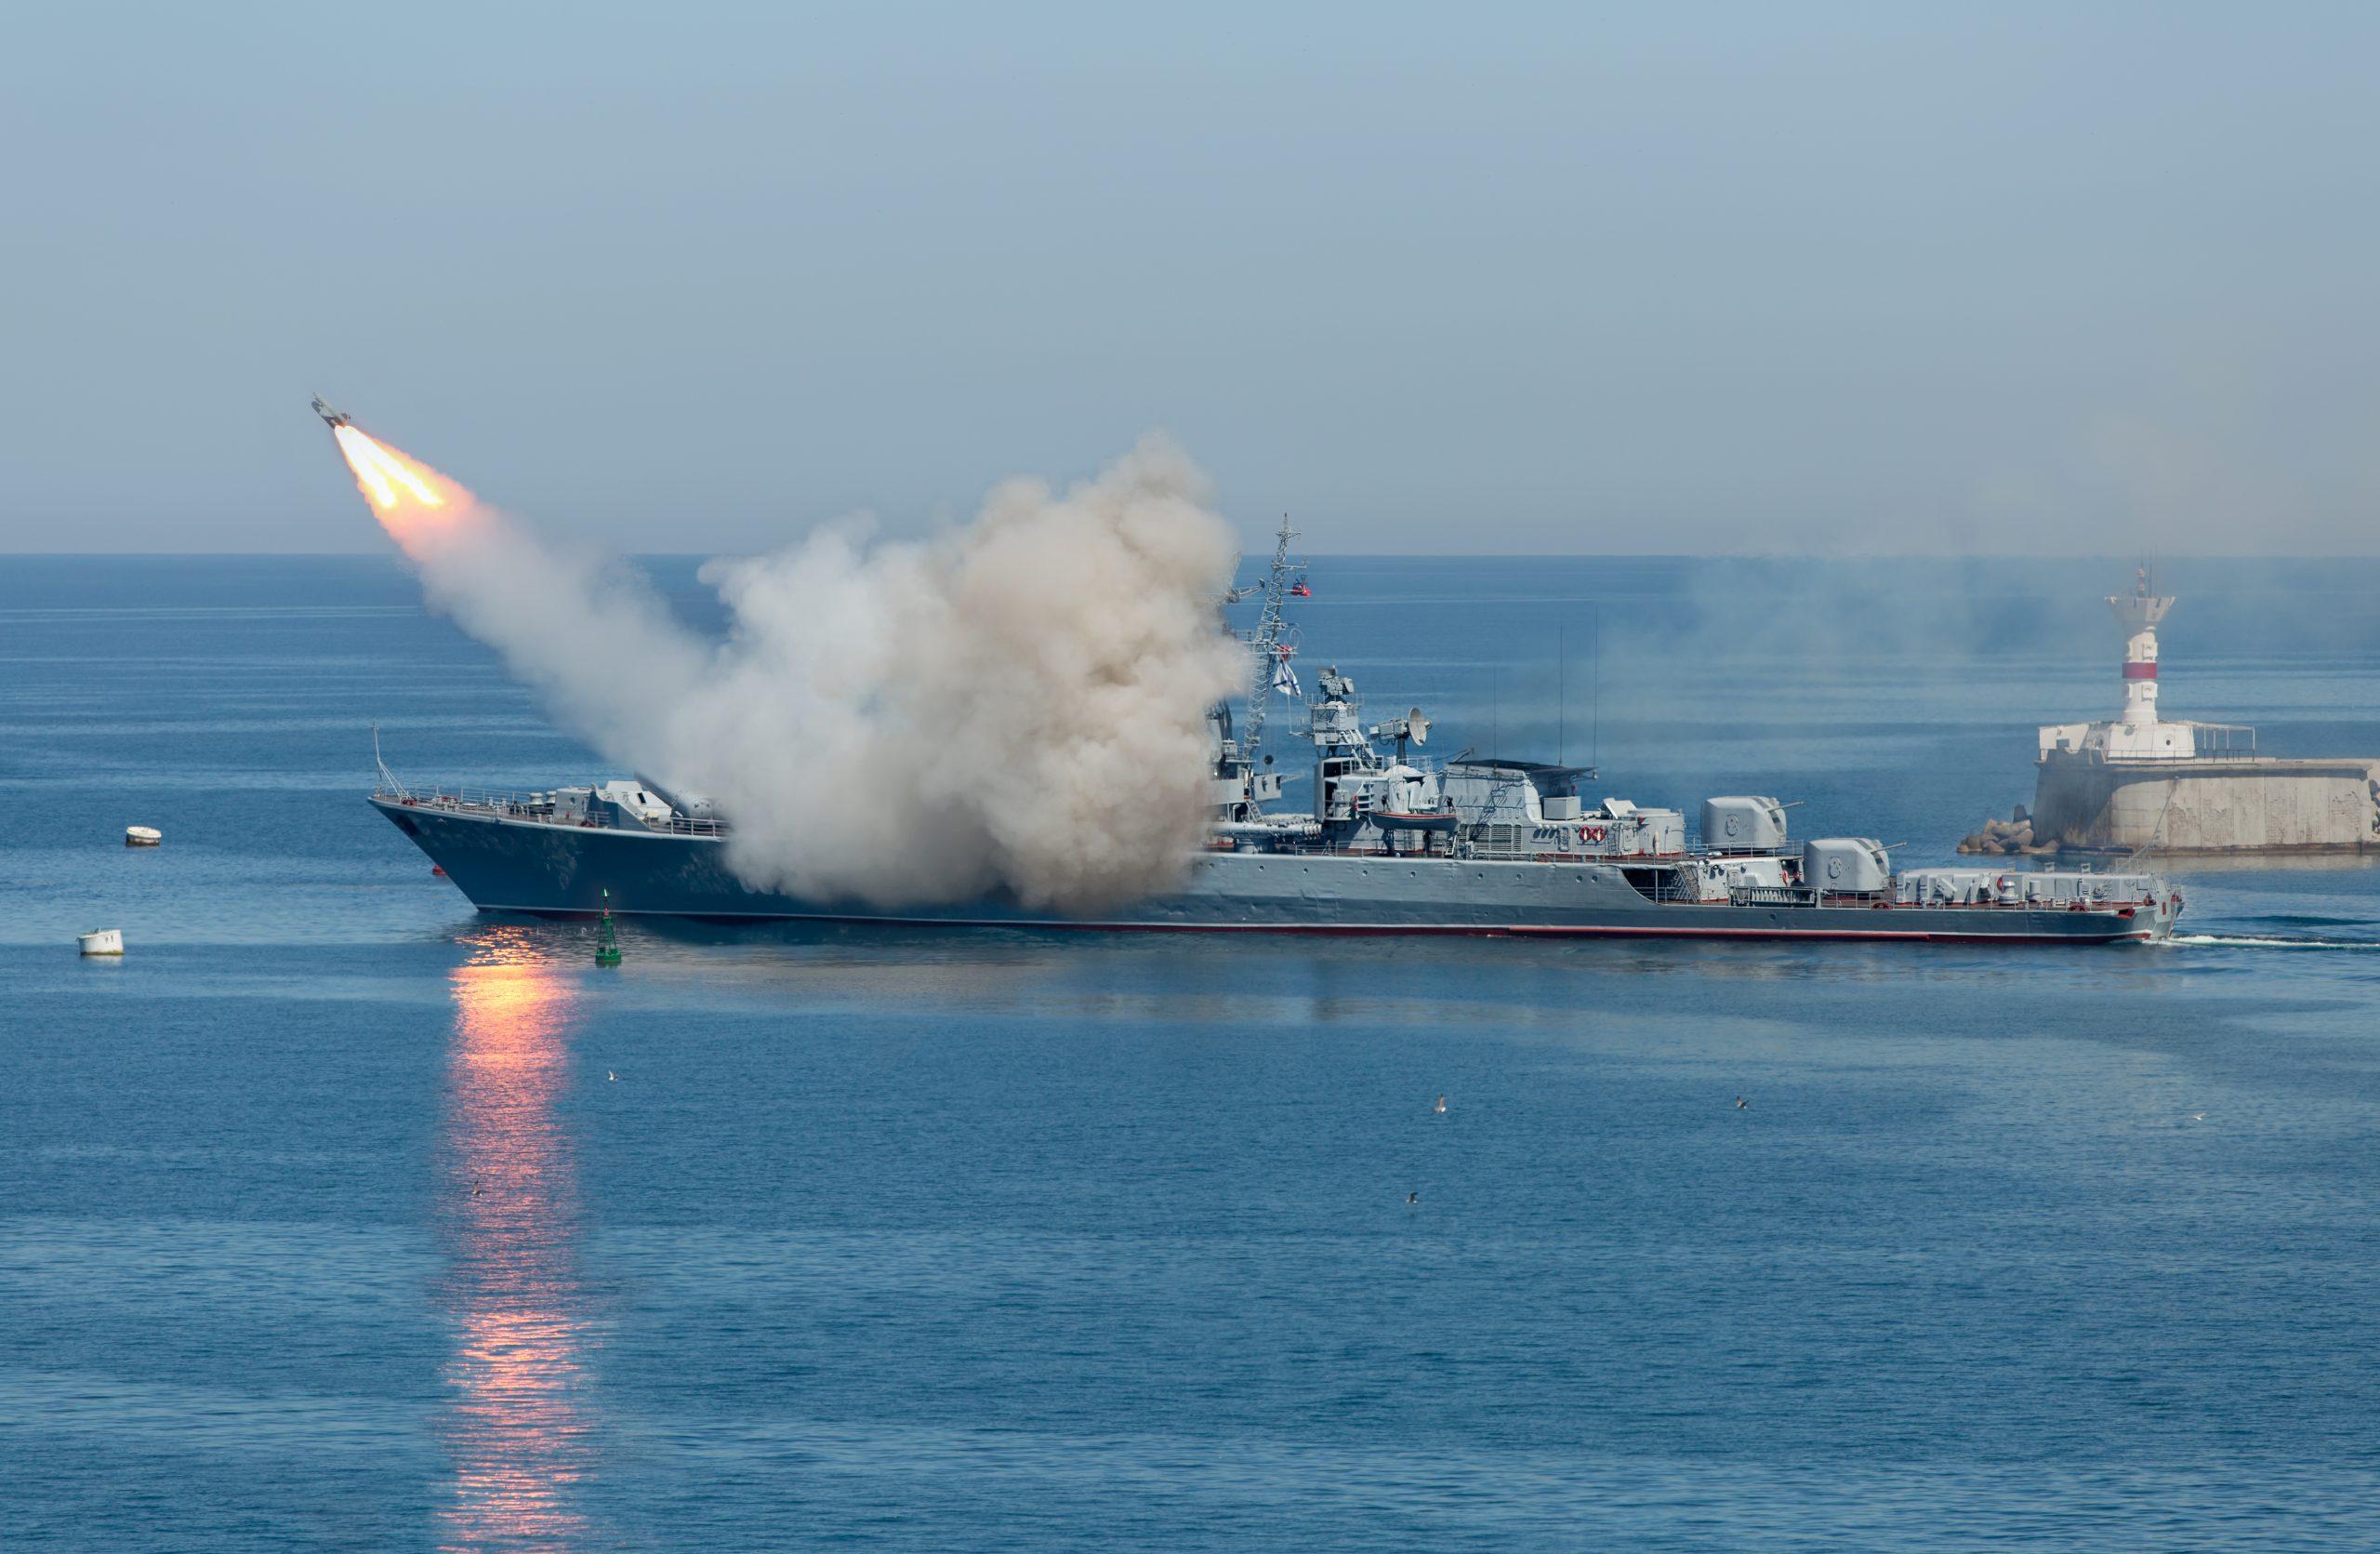 missileshipshutterstock_533229181-scaled.jpg